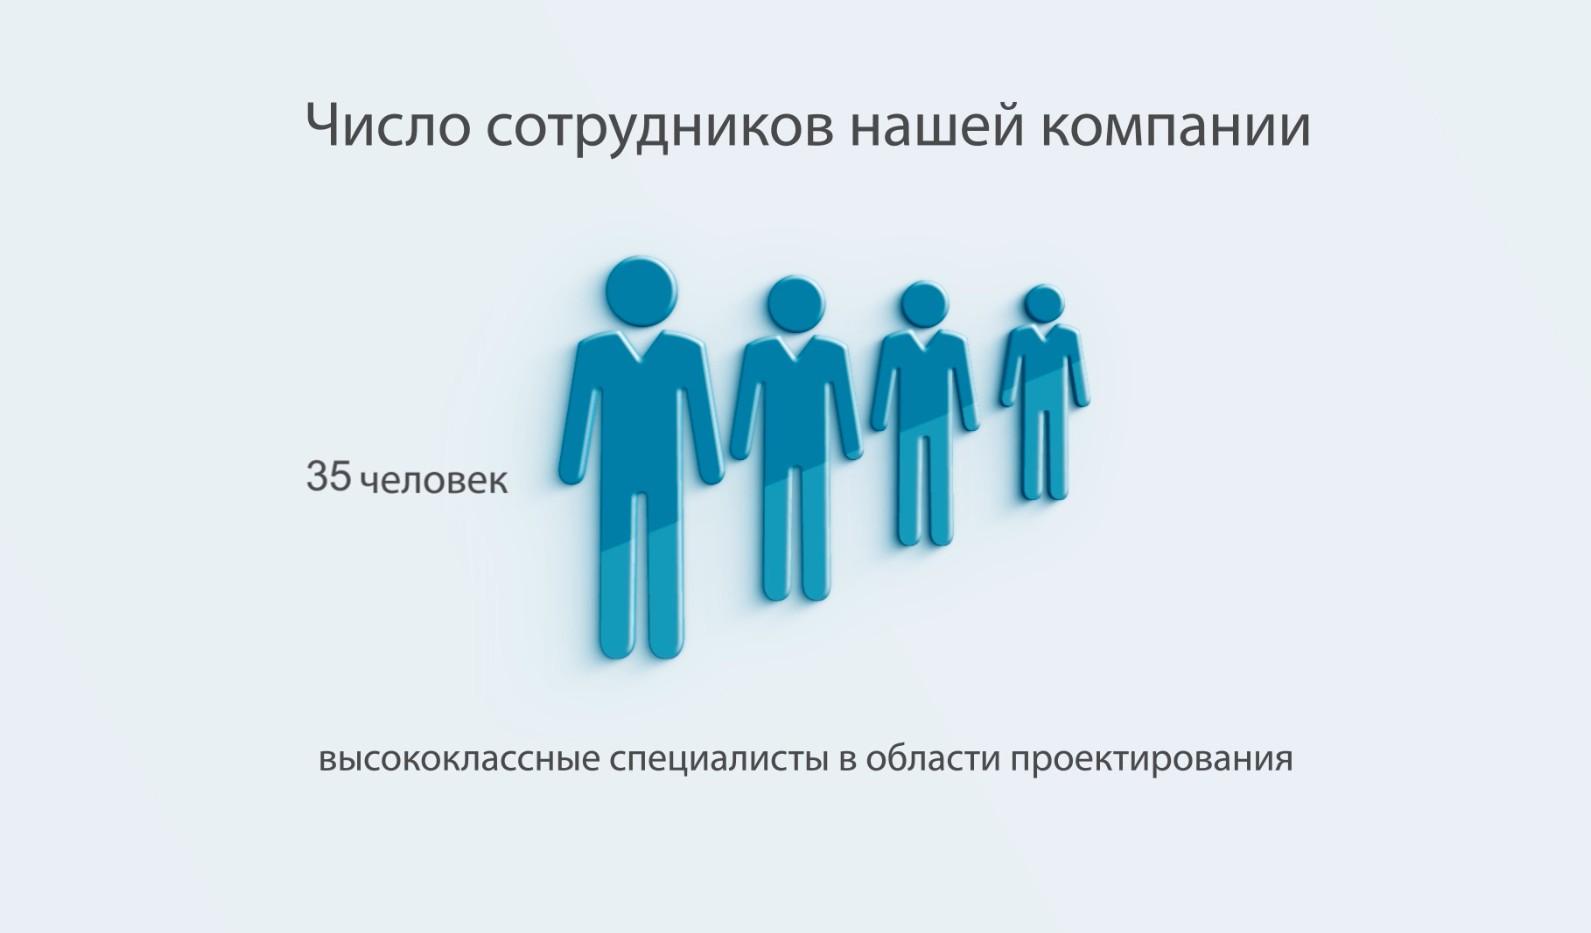 Ролик о компании МОСТОР